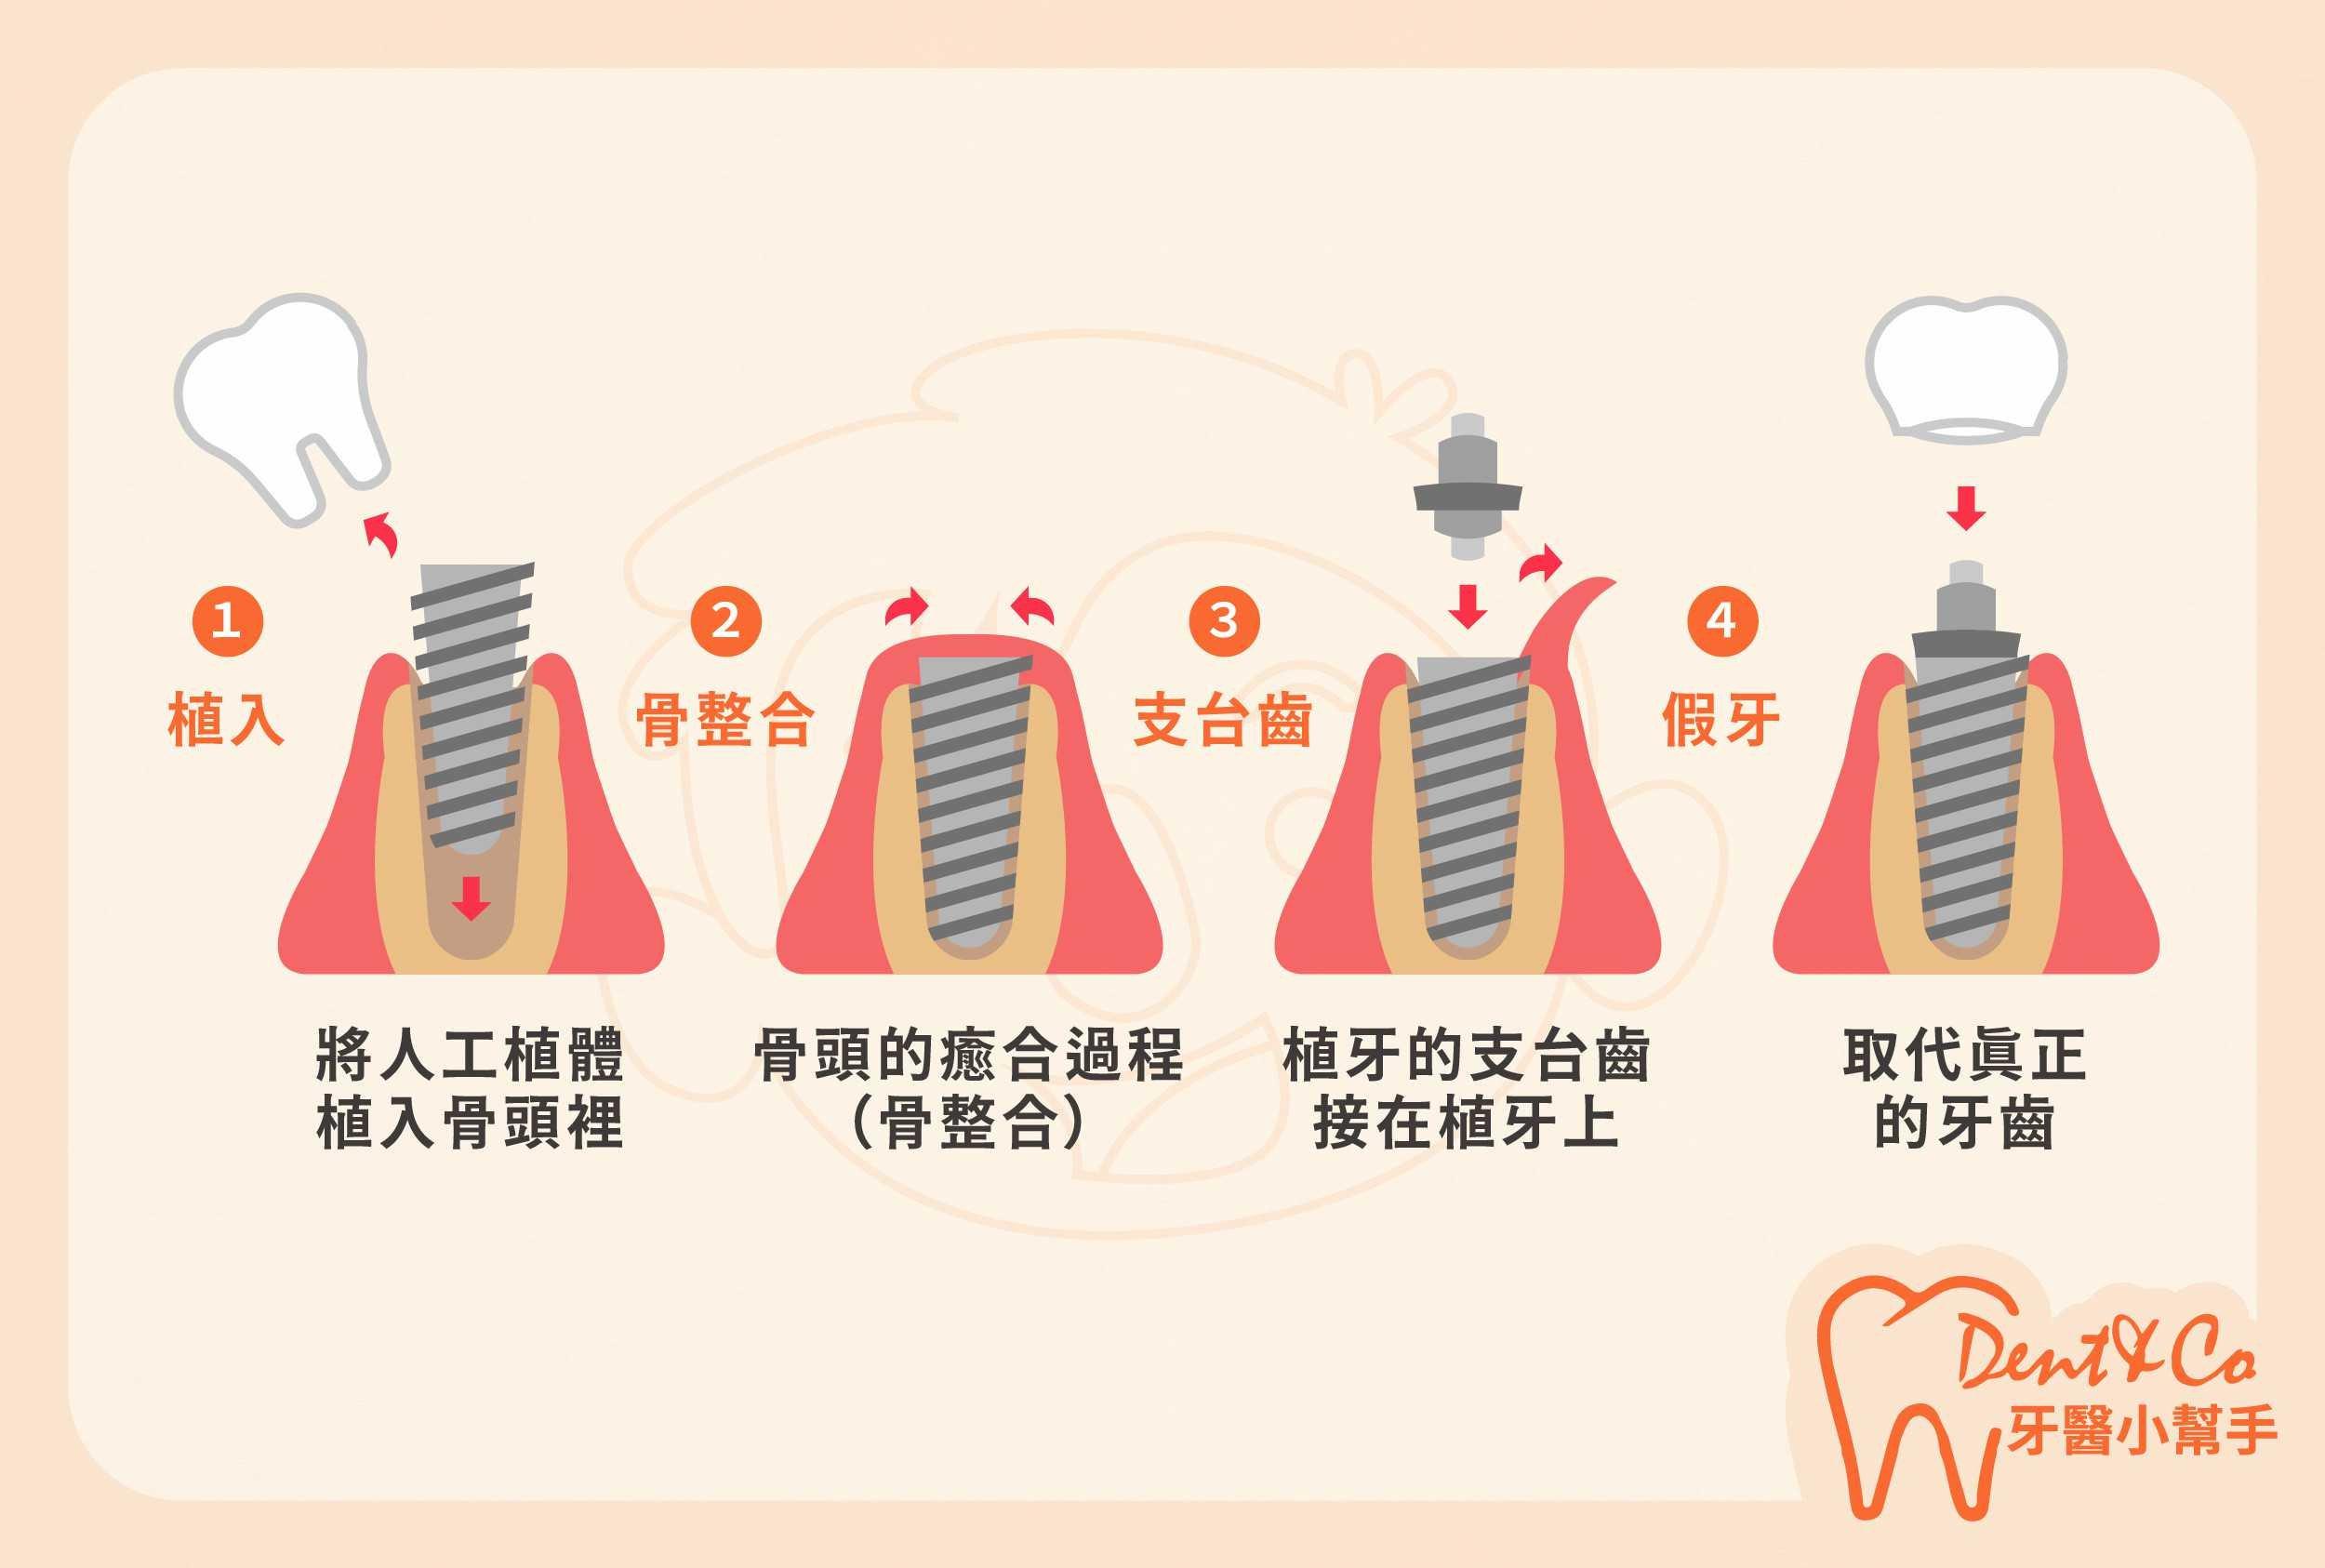 3.植牙流程介紹02-大圖.jpg